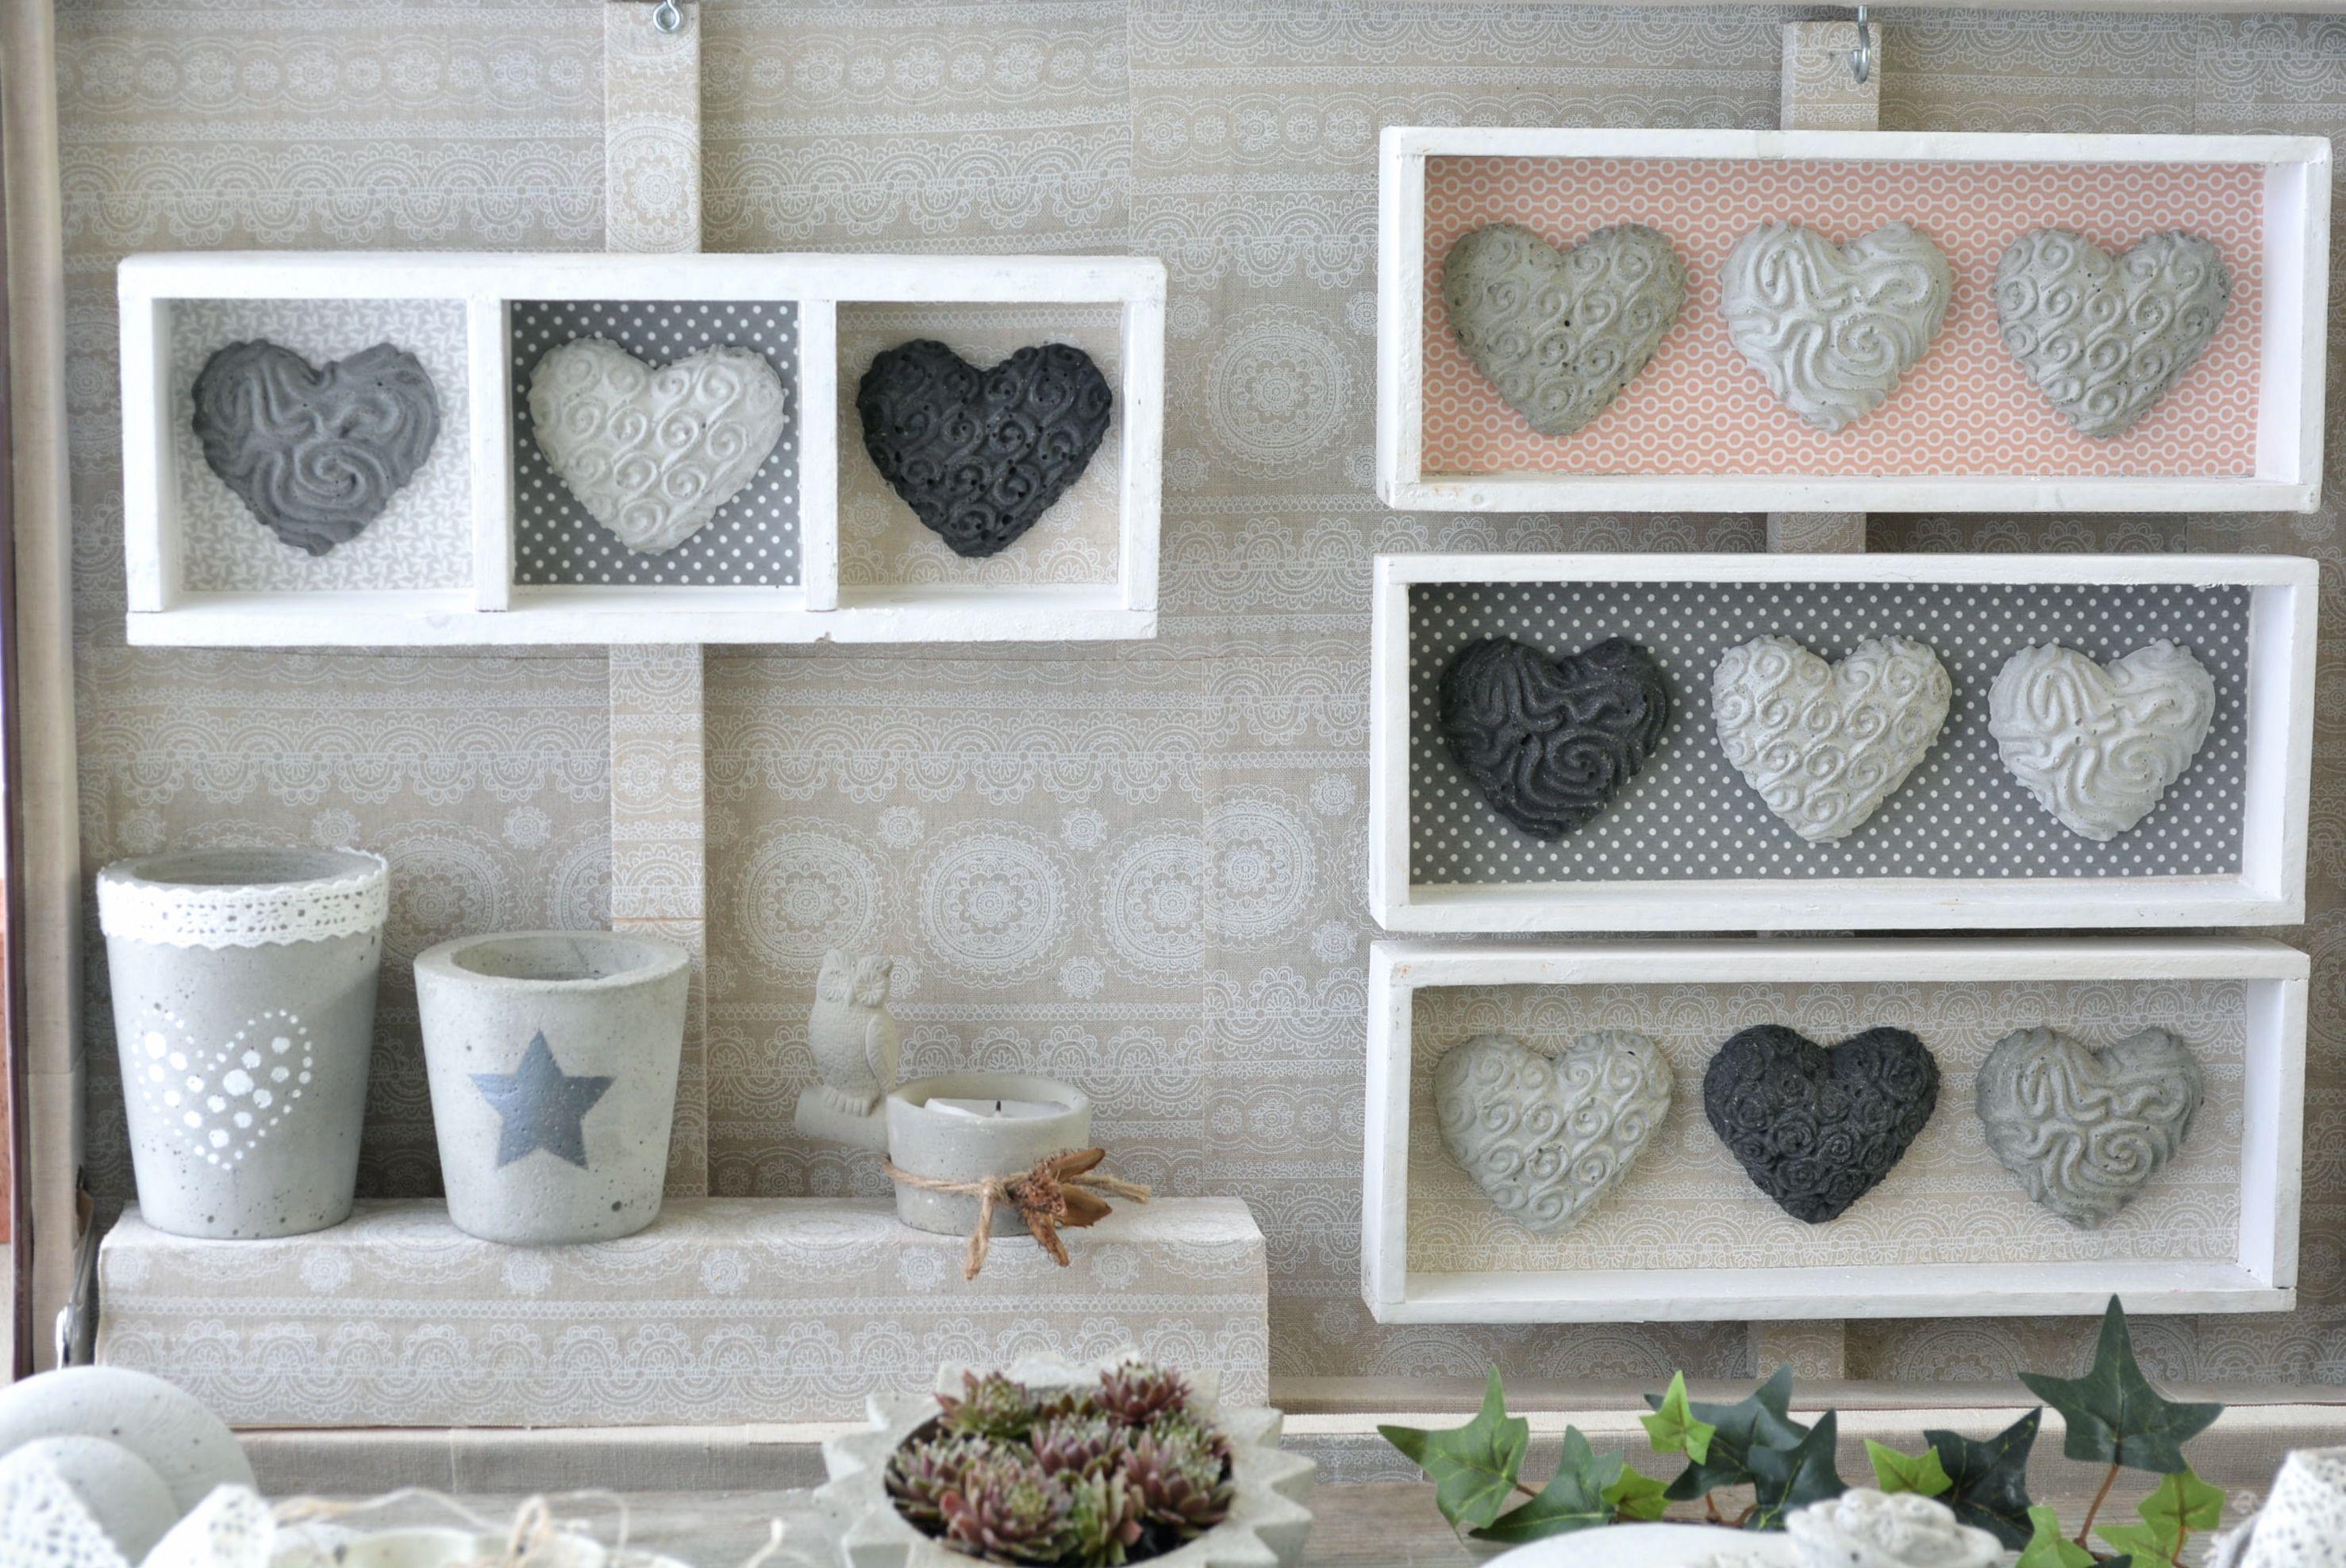 koffermarkt beton gestalten pinterest beton gie en diy beton und zement. Black Bedroom Furniture Sets. Home Design Ideas